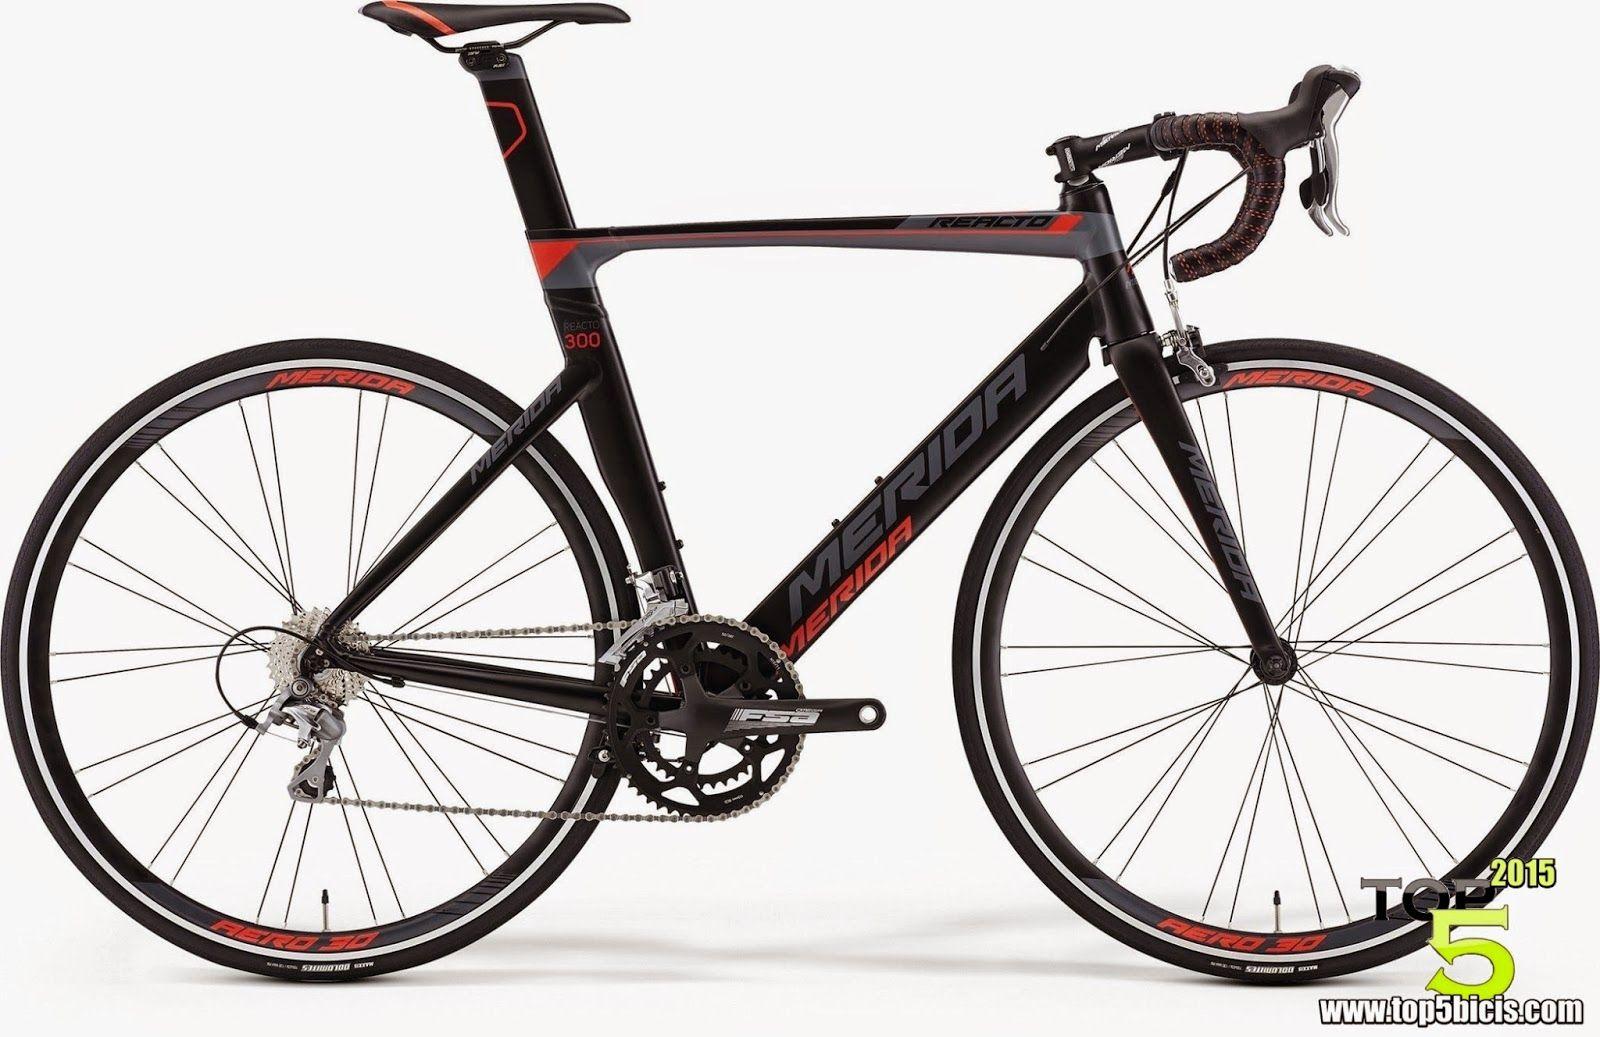 Nueva Merida Reacto 300 Gran Bici Y Muy Aerodinamica Bicicletas Merida Bicicletas Bicicleta De Carretera